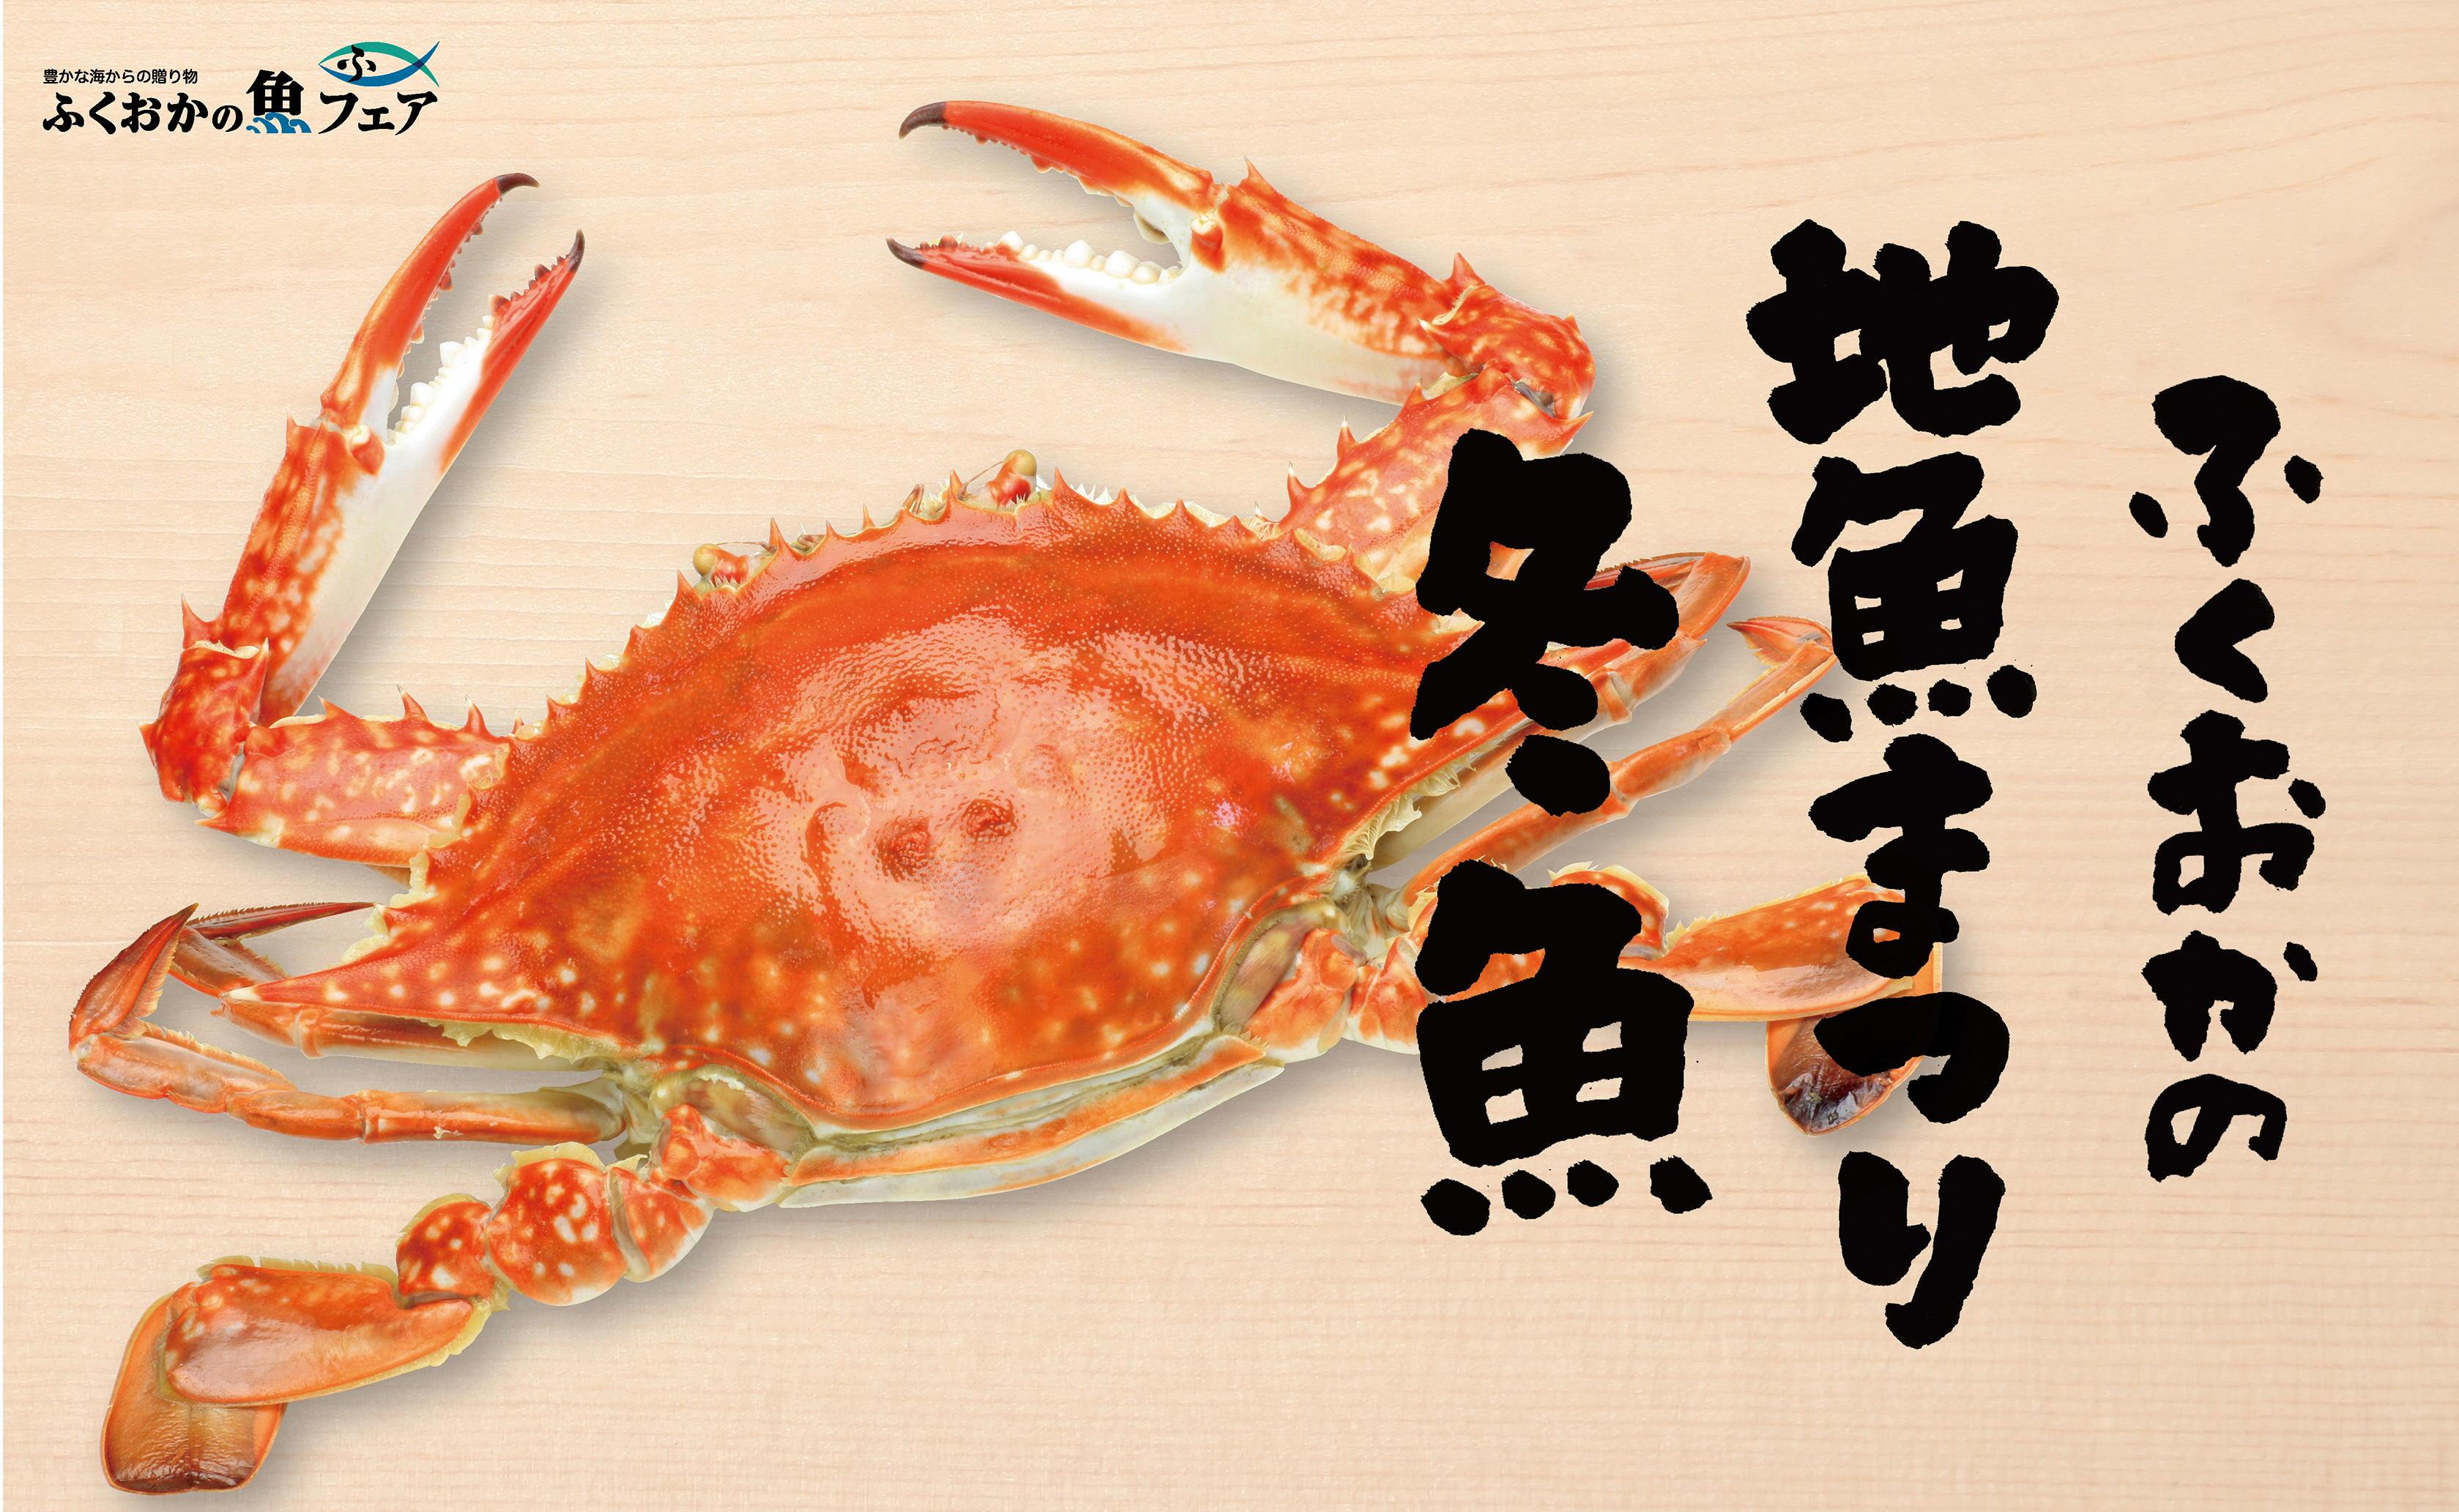 ふくおかの魚フェア冬のフェアに関する画像